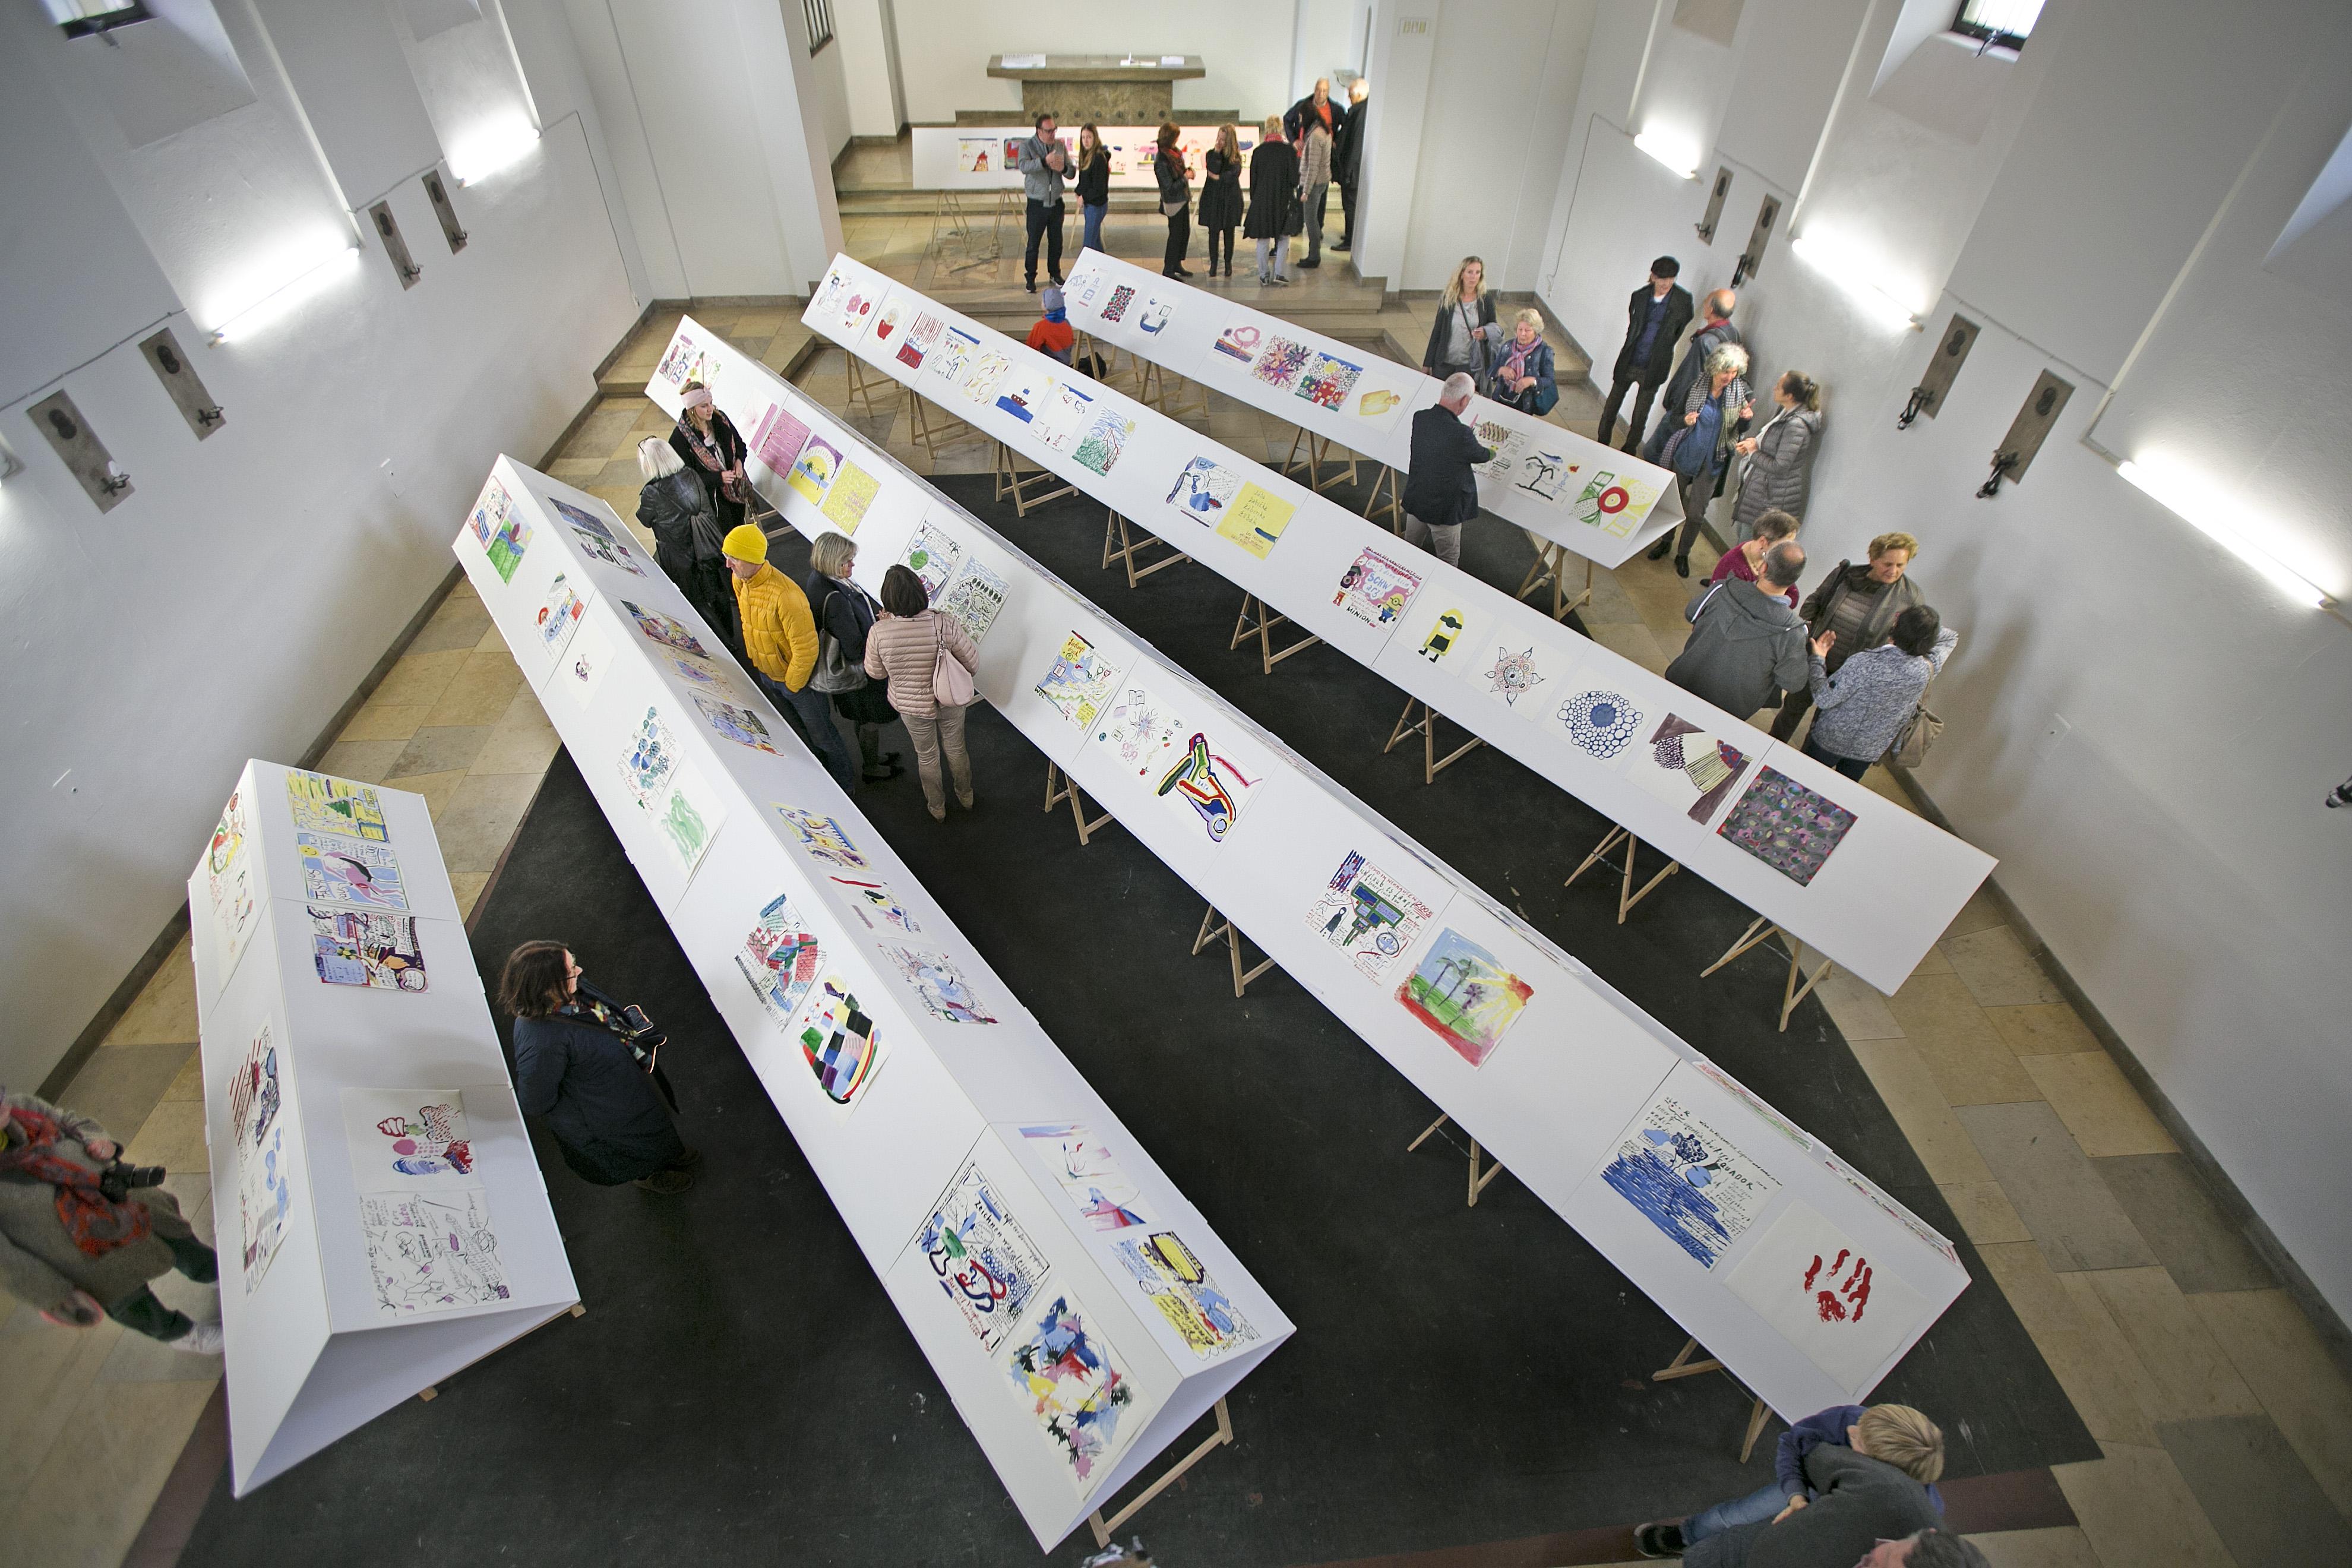 Ausstellung im Kunstverein Neuhausen: Hausbesuchsgespächszeichnungen von Dorothea Schulz.